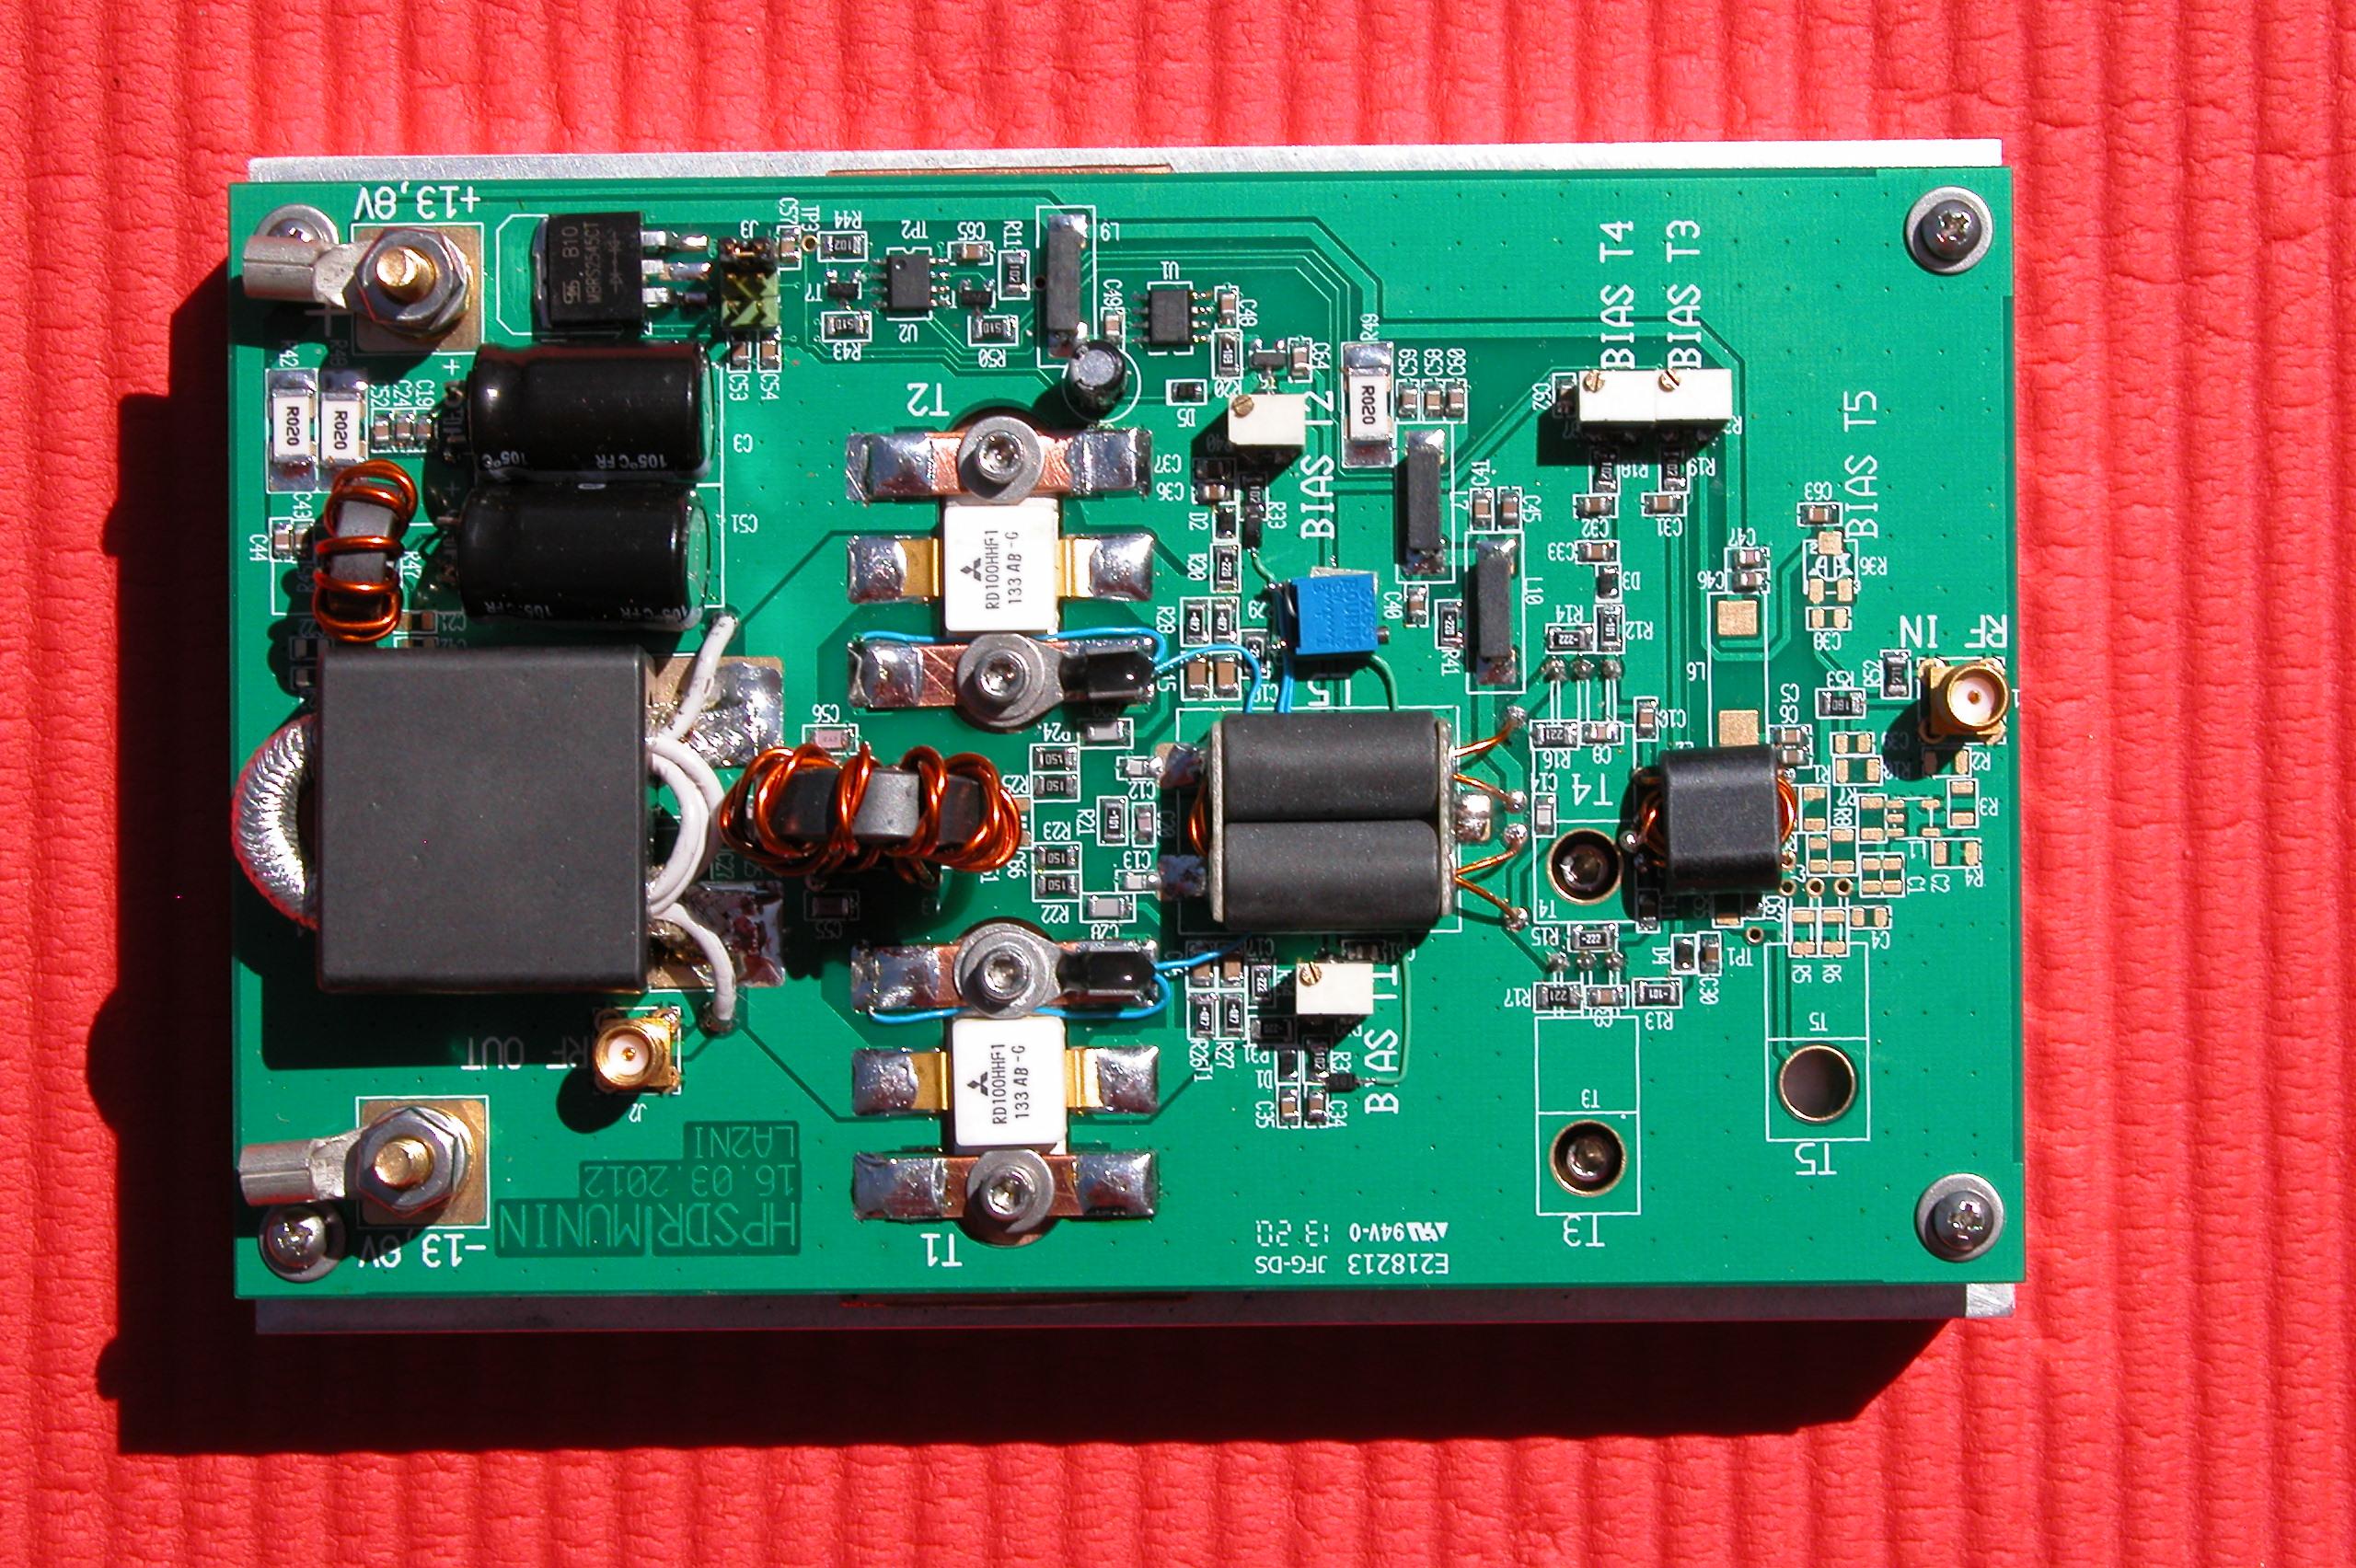 Vk5abn Openhpsdr Munin2 Hf Amplifier 300khz 30mhz Linear Munin 2 Assmebly